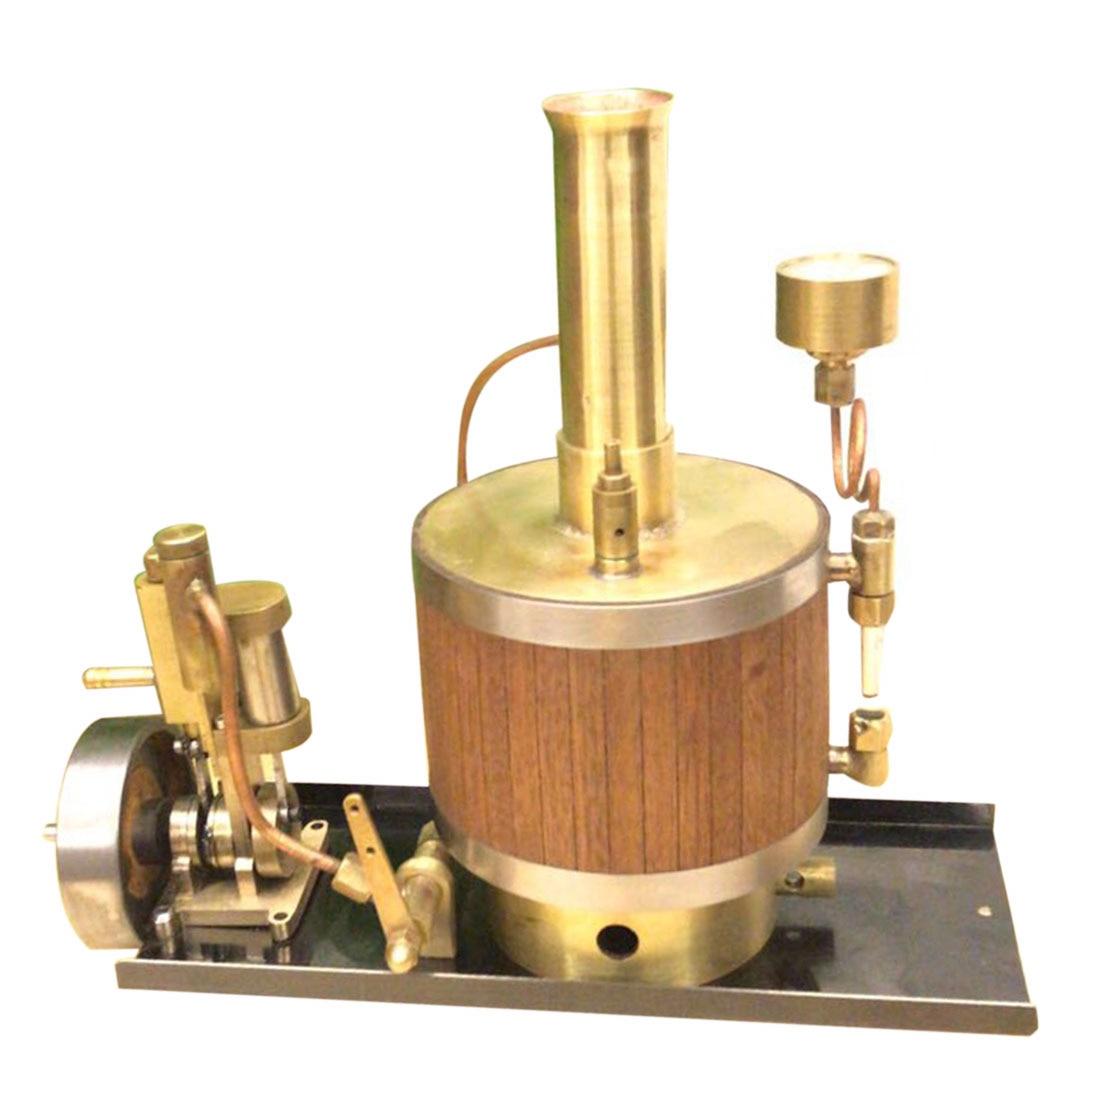 Mini modèle de moteur à vapeur chaud avec chaudière et ensemble de Base modèle de technologie de puissance à vapeur jouet expérimental de production d'énergie scientifique